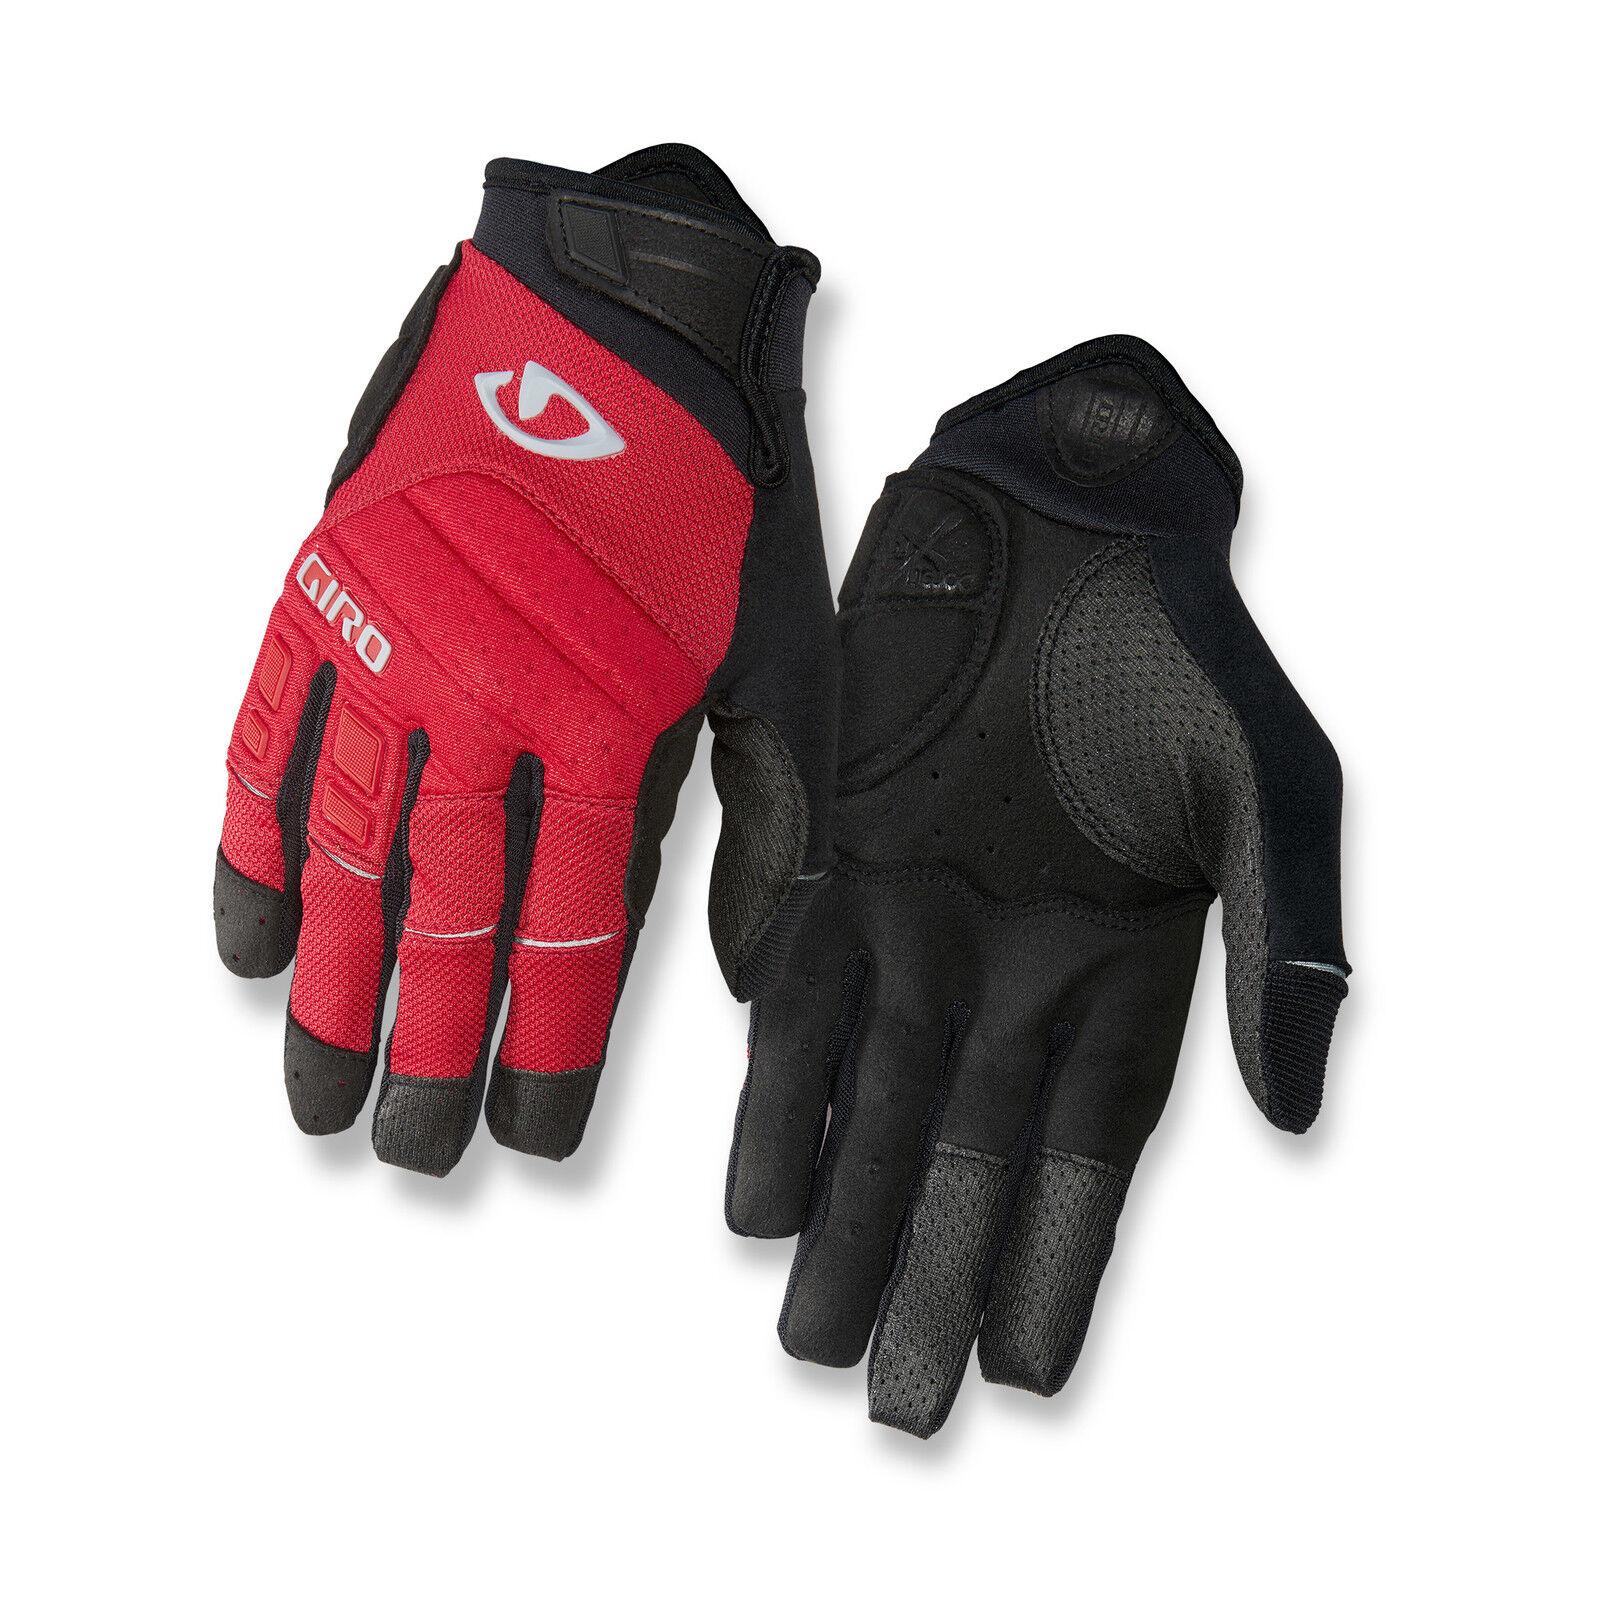 Giro Xen Fahrrad Handschuhe lang rot schwarz 2019